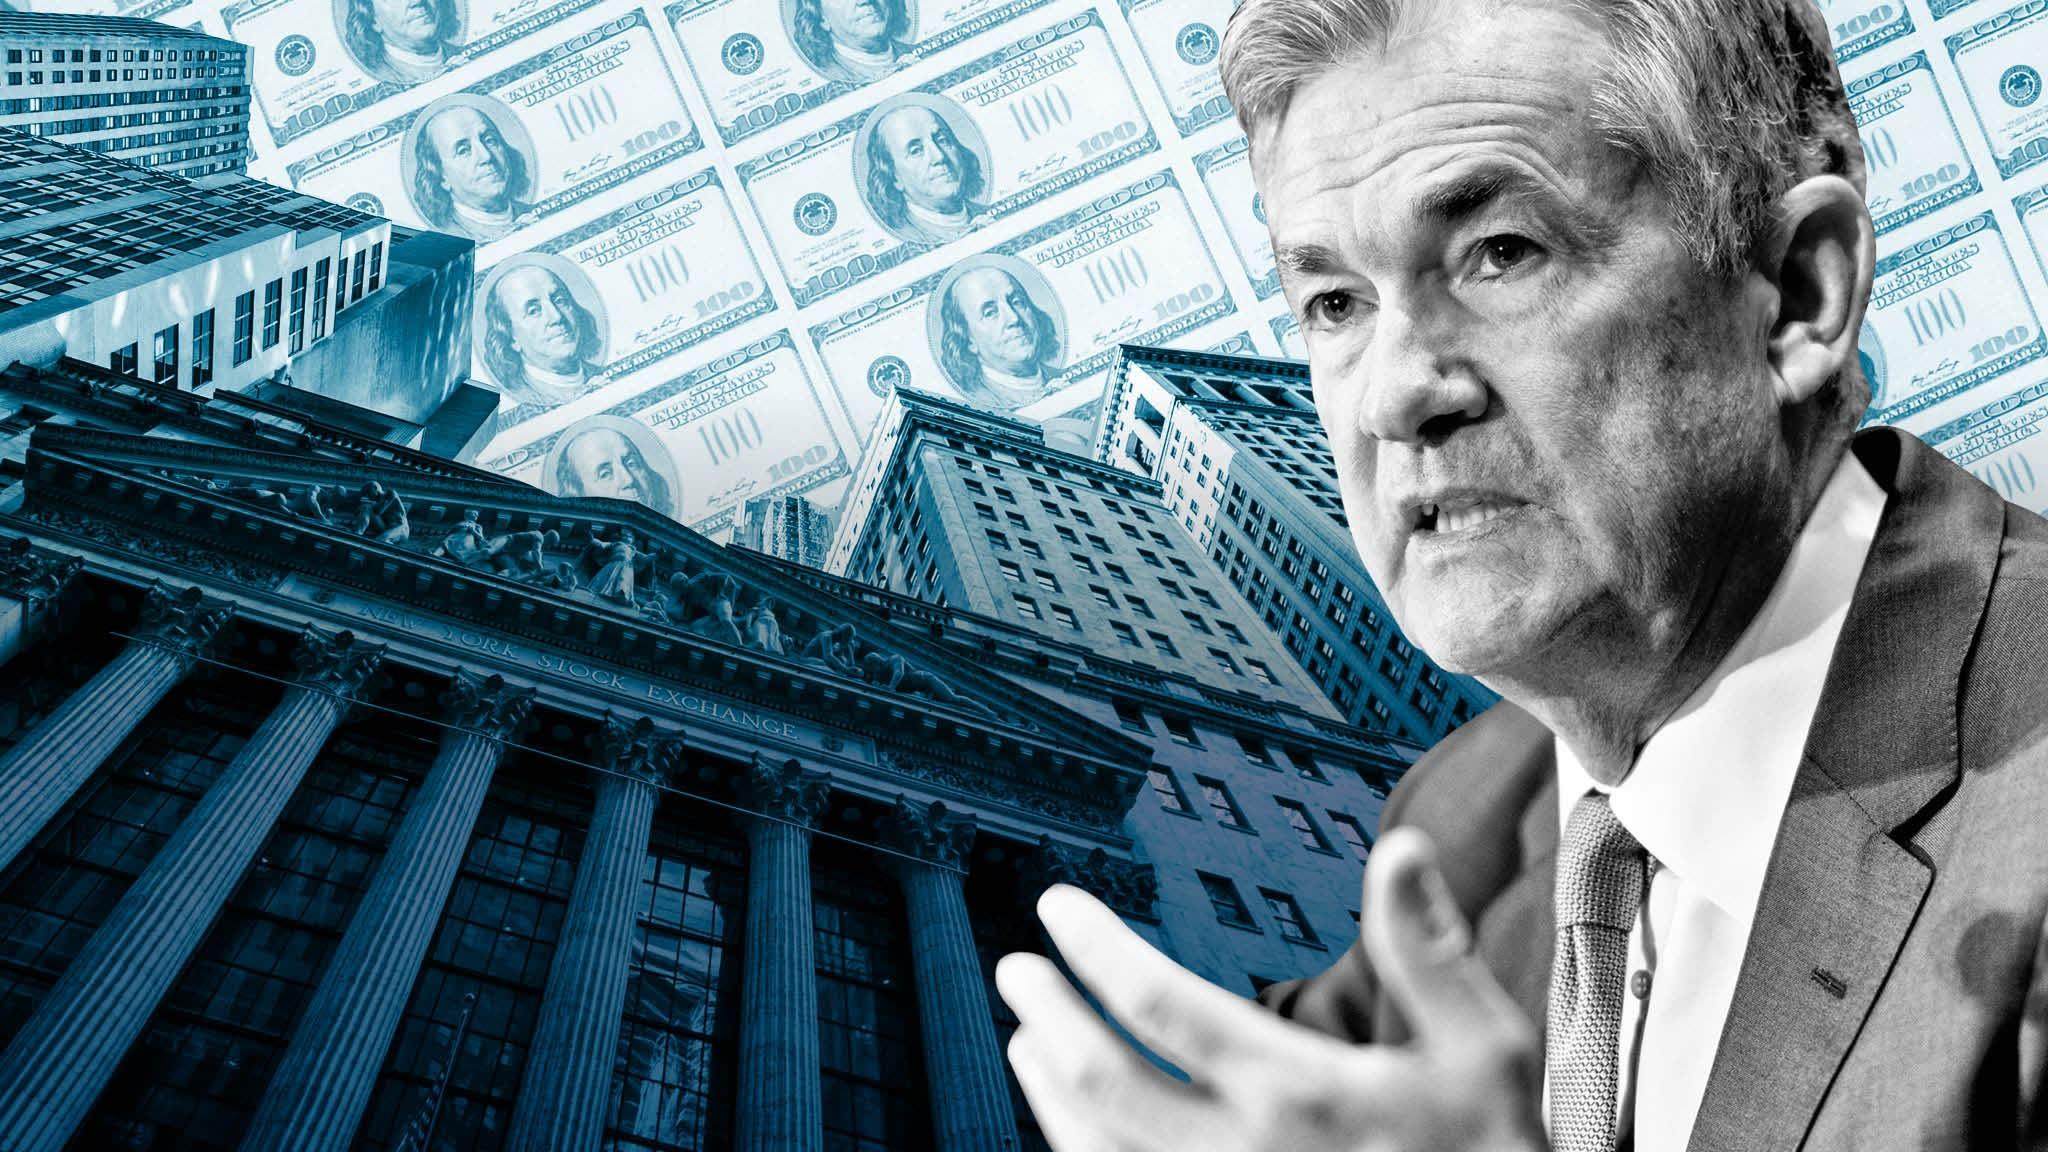 Lạm phát ở Mỹ đang nóng, Fed bắt buộc phải giảm mua tài sản?